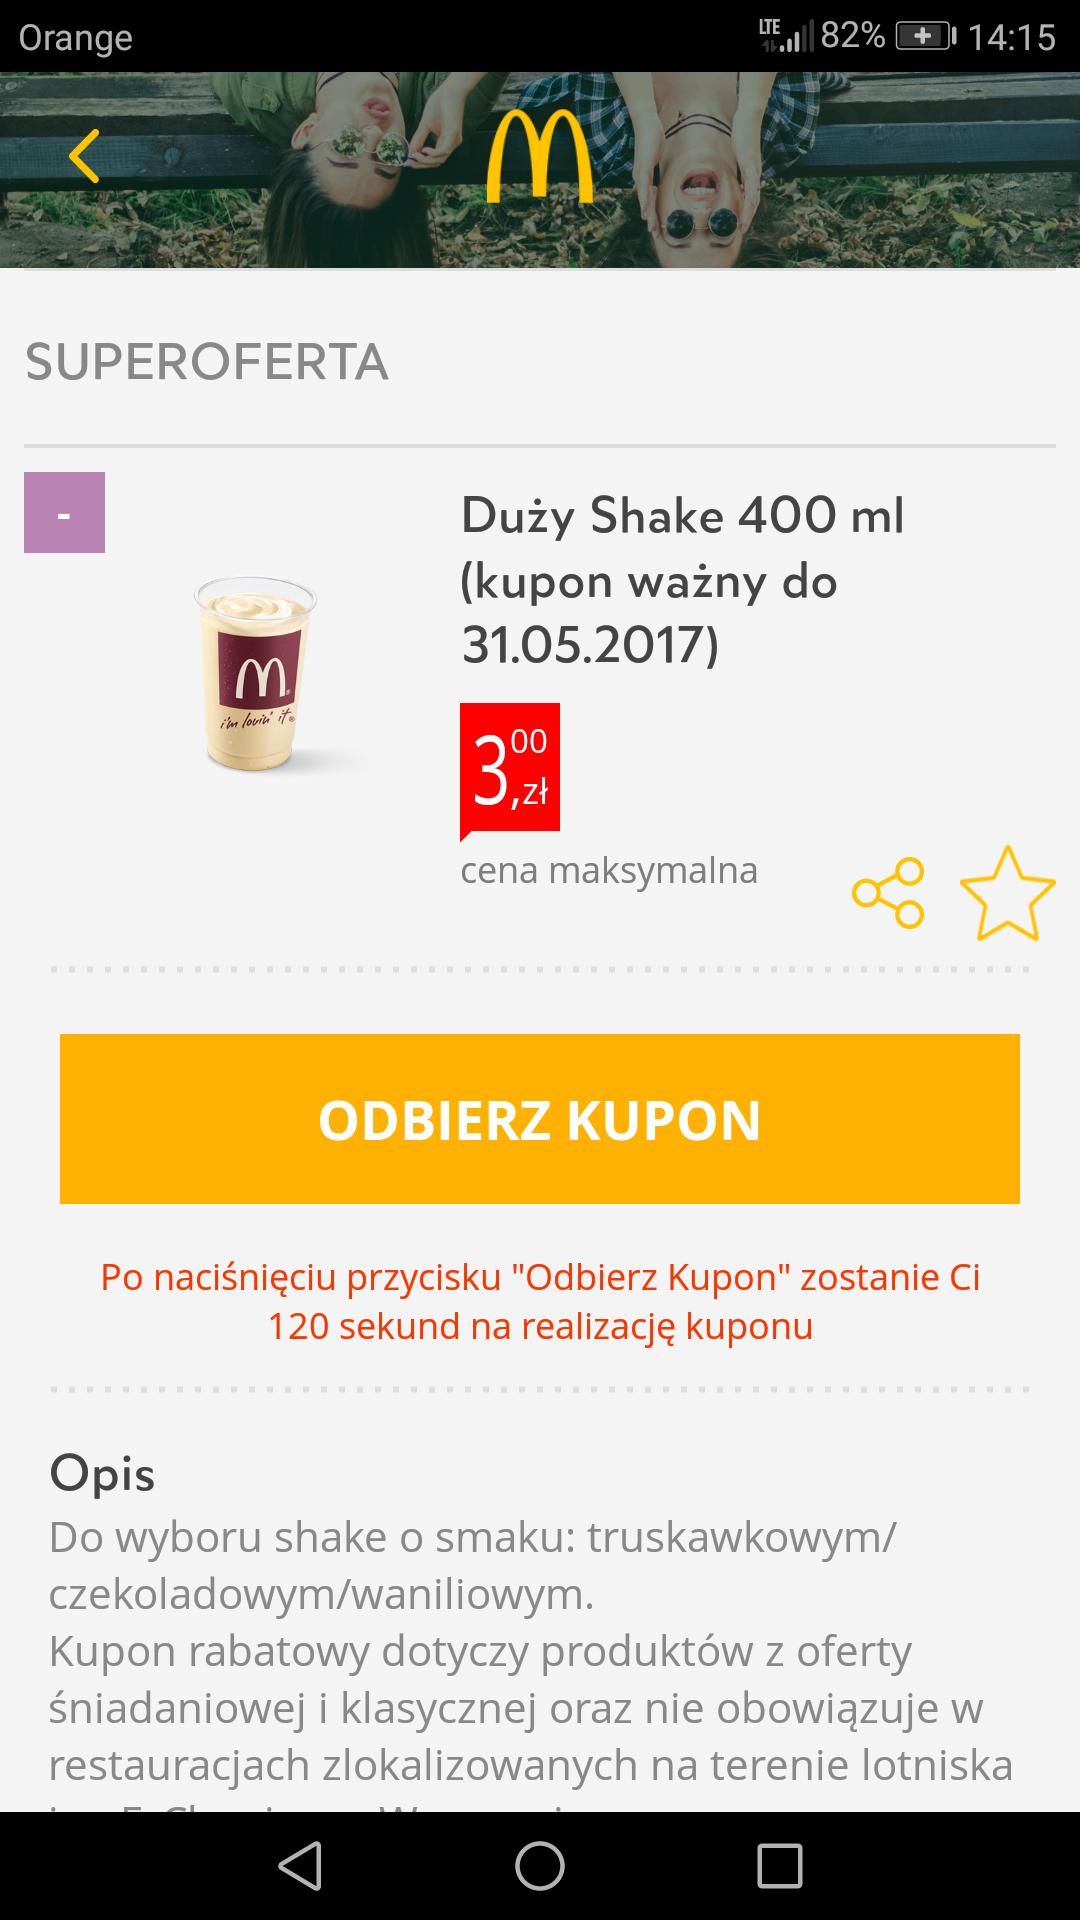 Duży shake lub średnie frytki w McDonald's za 3 zł do 31 maja